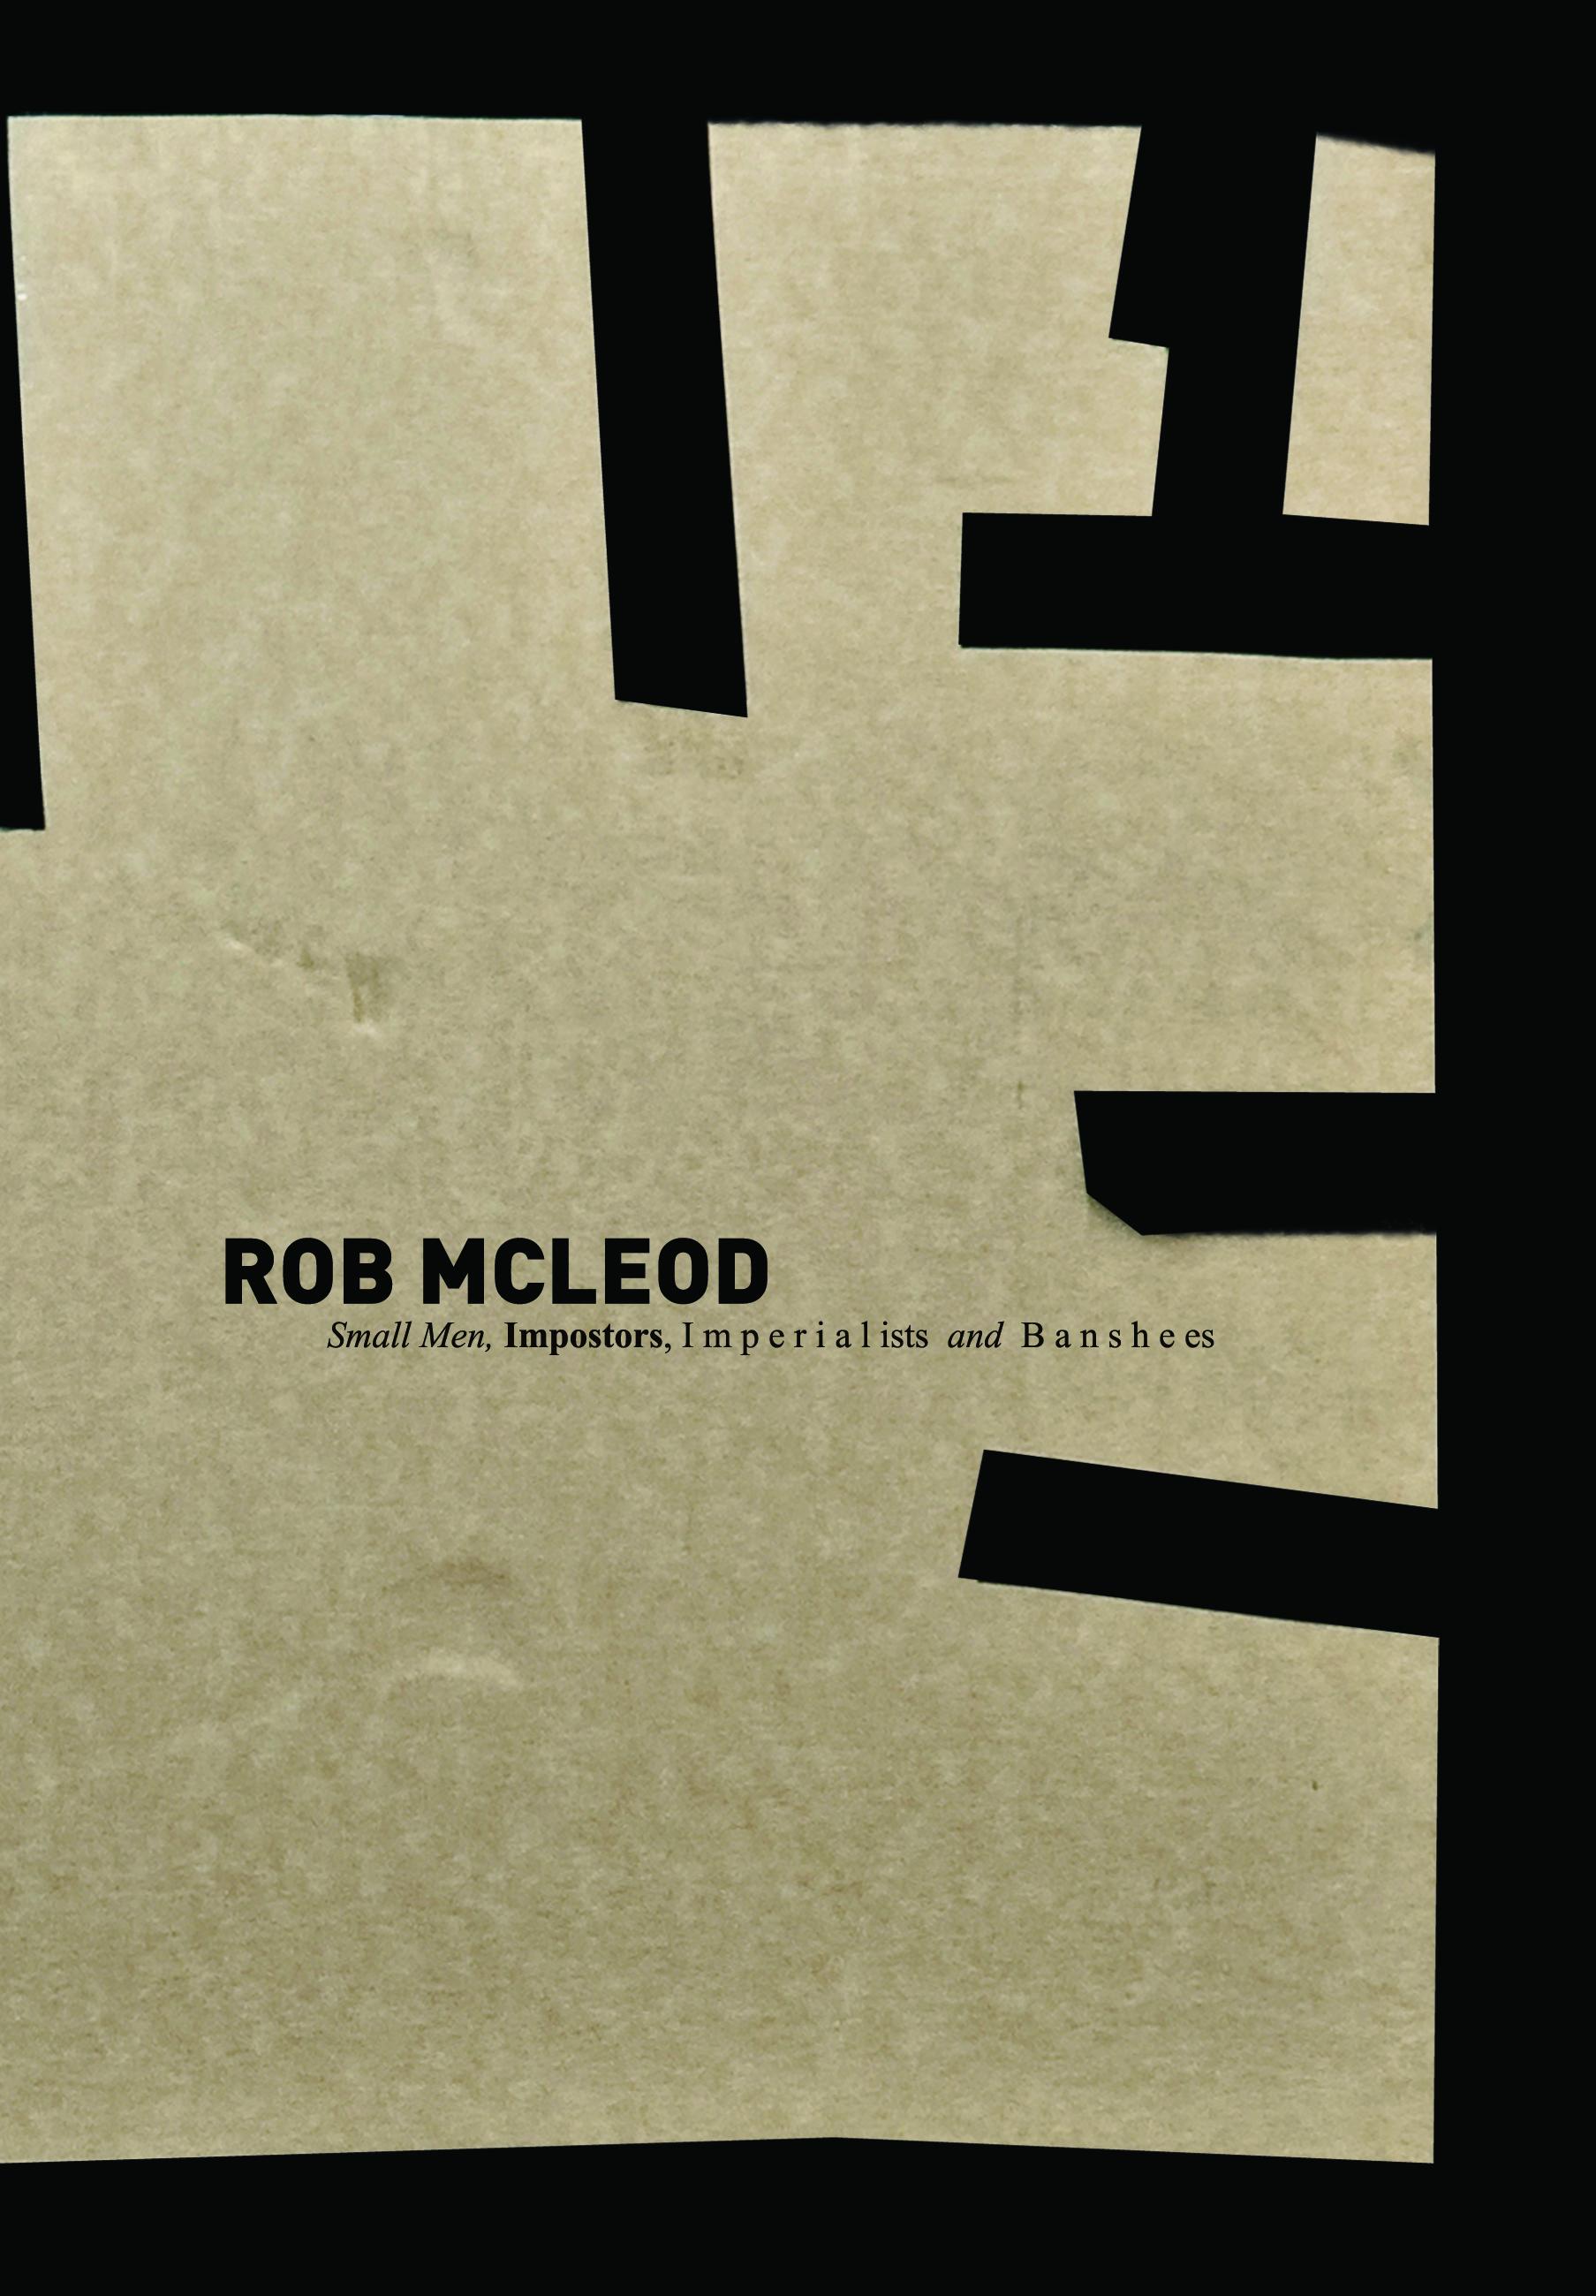 Robert McLeod, Small Men, Impostors, Imperialists and Banshees